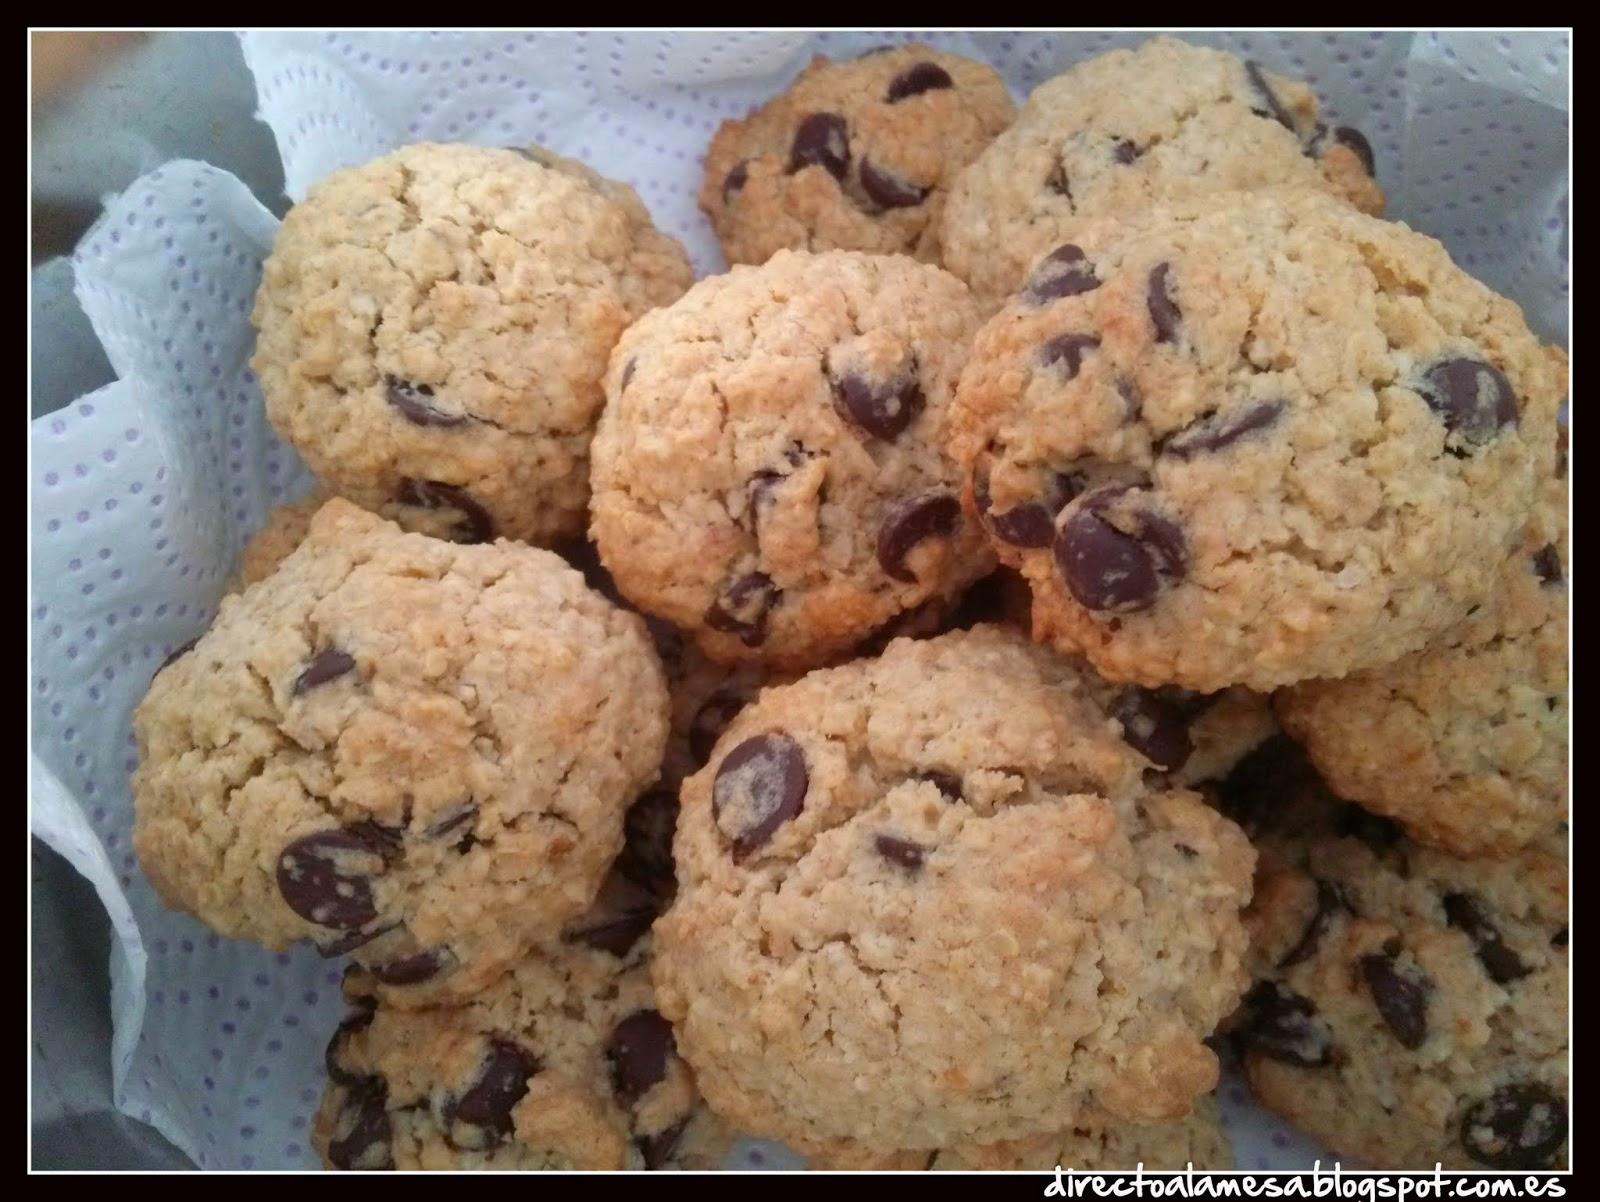 http://directoalamesa.blogspot.com.es/2015/02/galletas-de-avena-y-chocolate.html